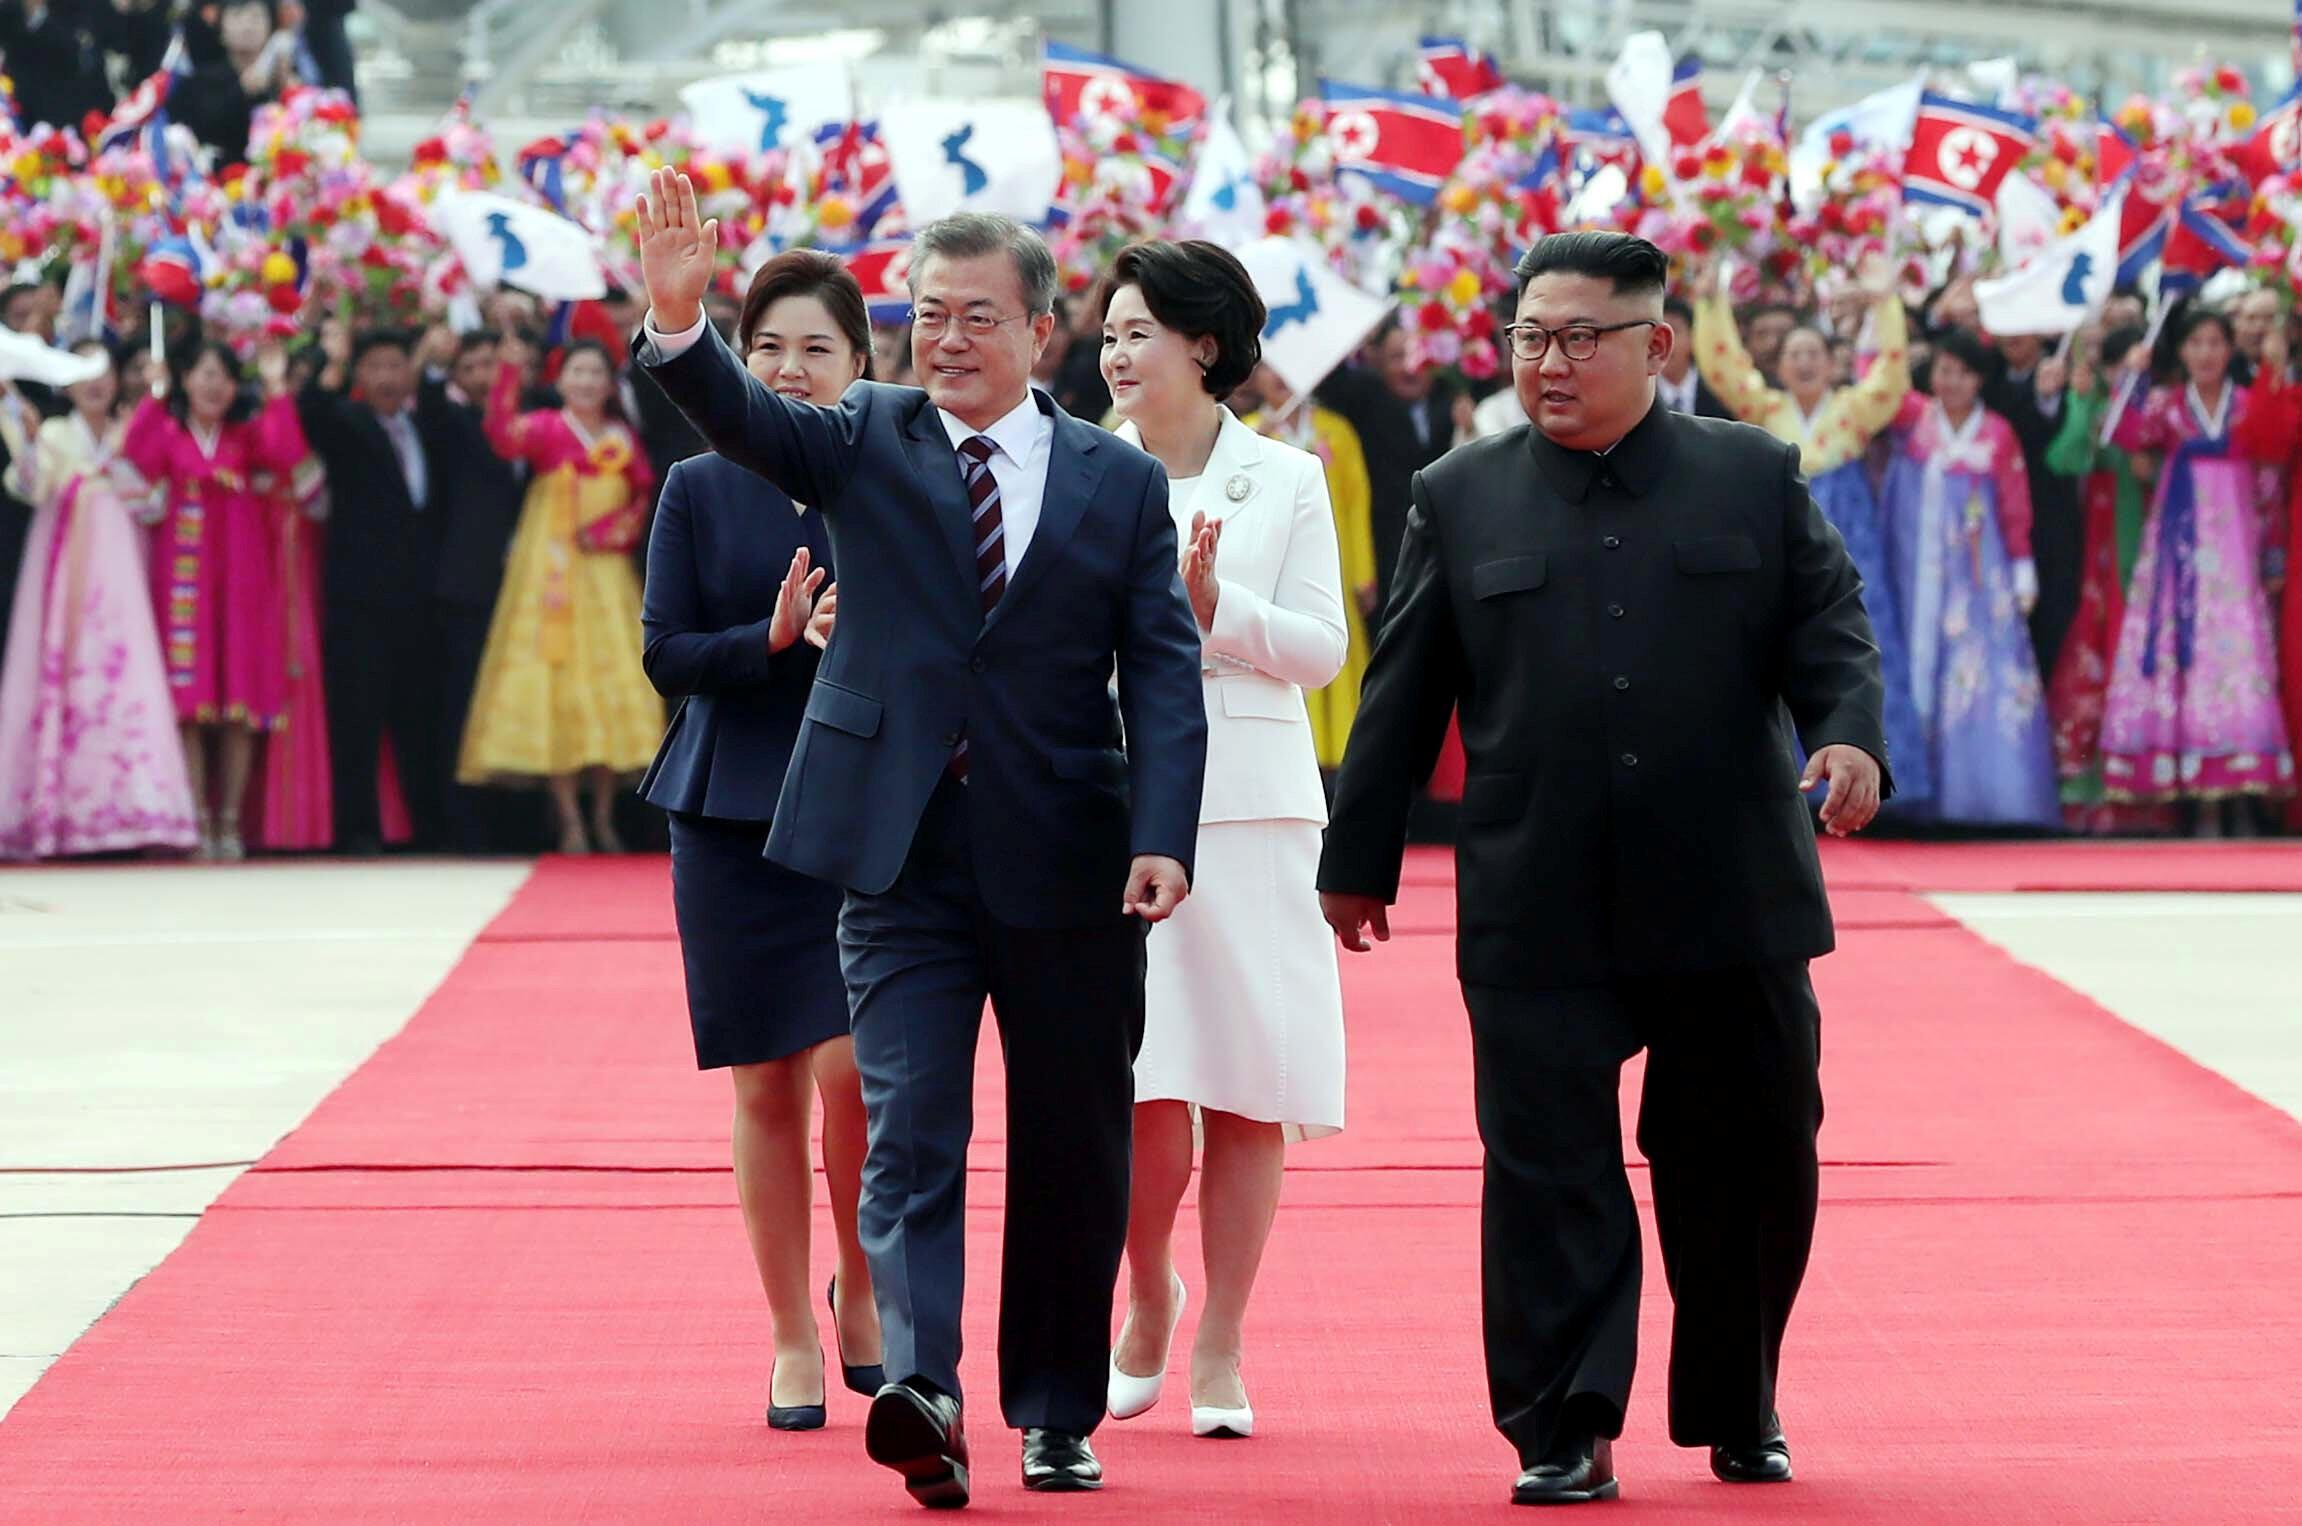 Tổng thống Hàn Quốc Moon Jae In (t) và phu nhân được lãnh đạo Bắc Triều Tiên Kim Jong Un cùng phu nhân và em gái Kim Yo Jong nghênh đón trọng thể tại Bình Nhưỡng (Bắc Triều Tiên) ngày 18/09/2018.